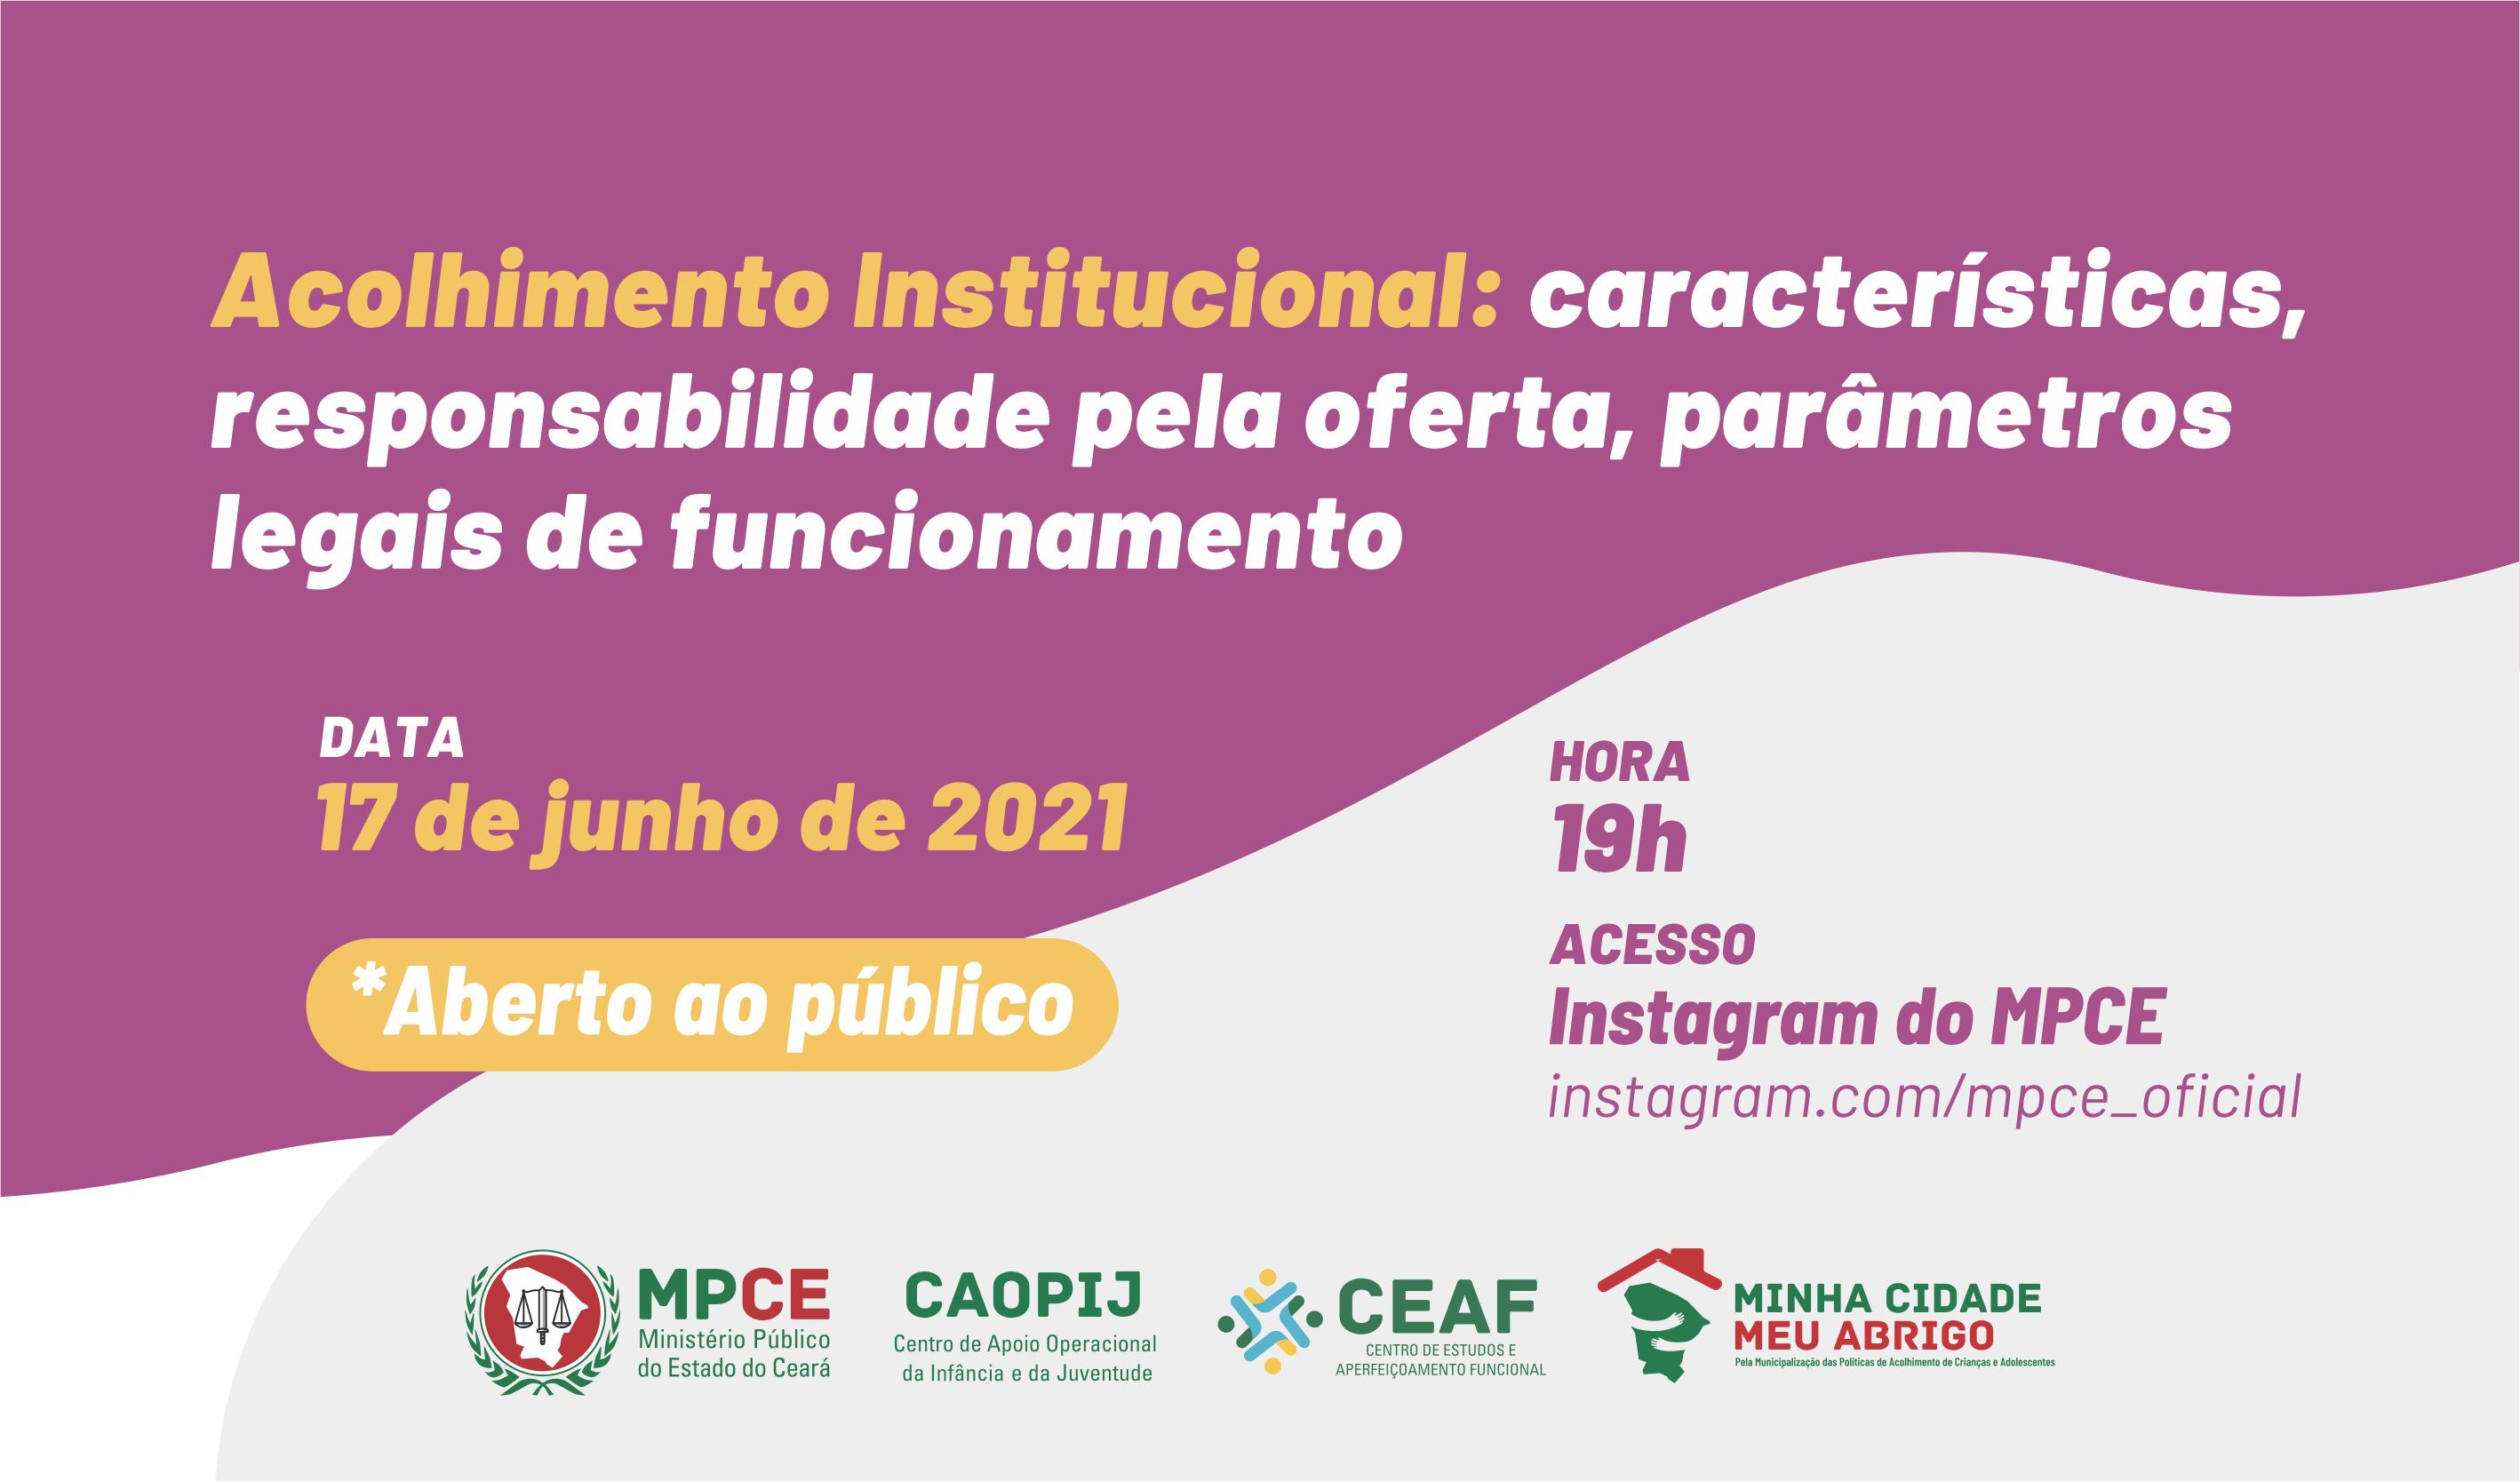 ACOLHIMENTO INSTITUCIONAL: CARACTERÍSTICAS, RESPONSABILIDADE PELA OFERTA, PARÂMETROS LEGAIS DE FUNCIONAMENTO